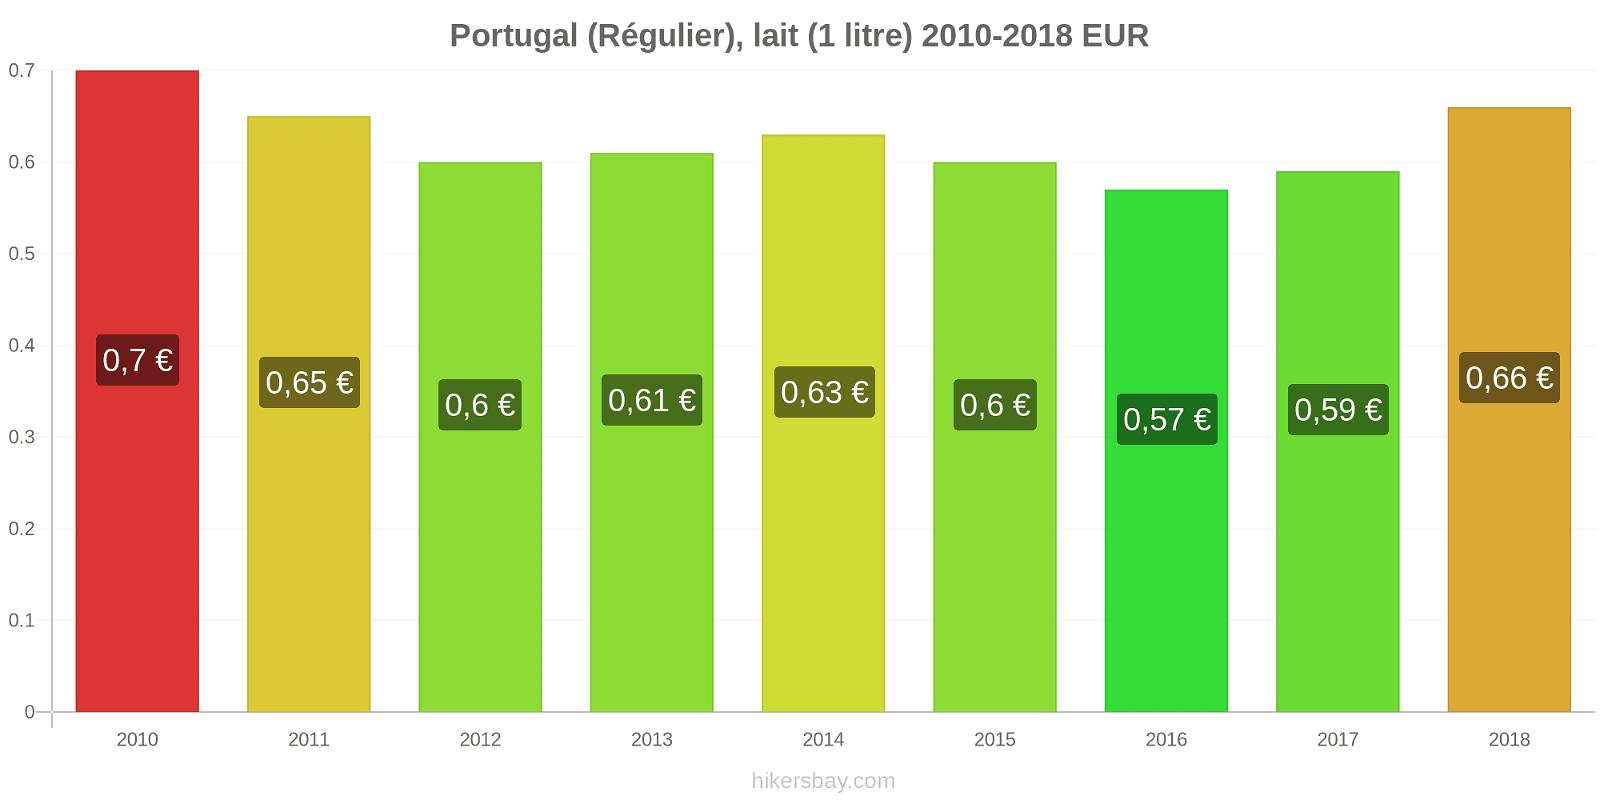 Portugal changements de prix (Régulier), lait (1 litre) hikersbay.com